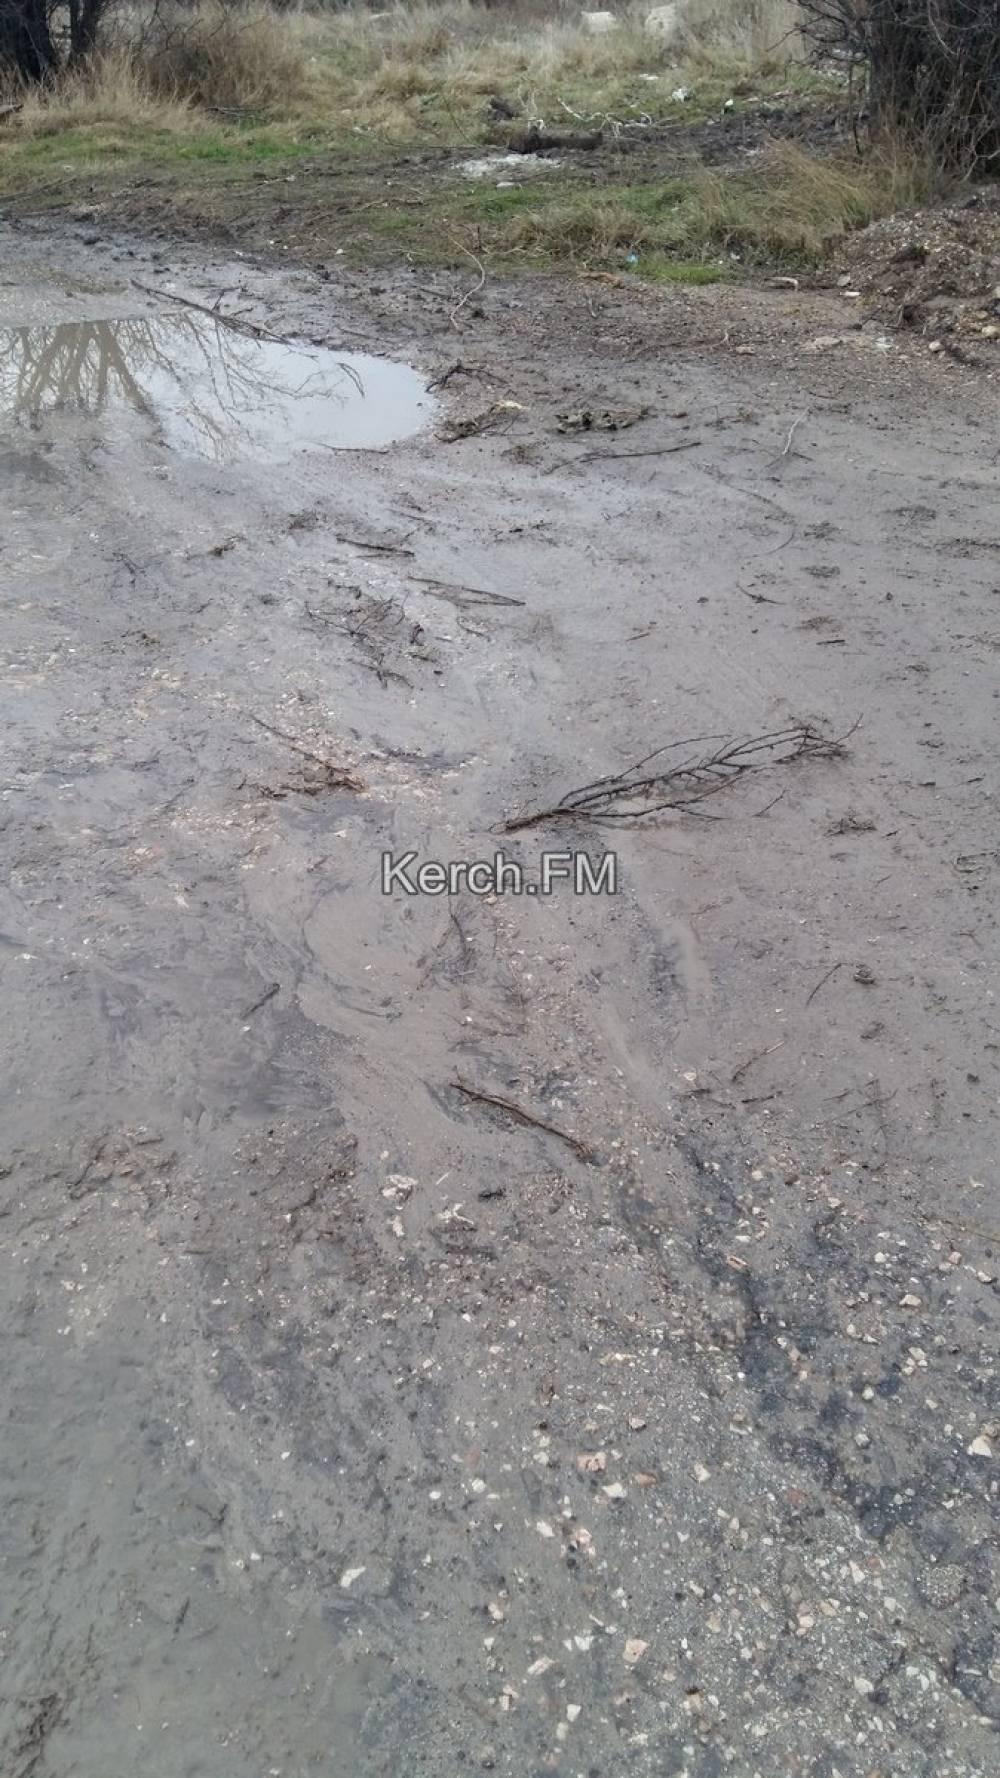 В Керчи размывает грунтовую дорогу в переулке питьевой водой